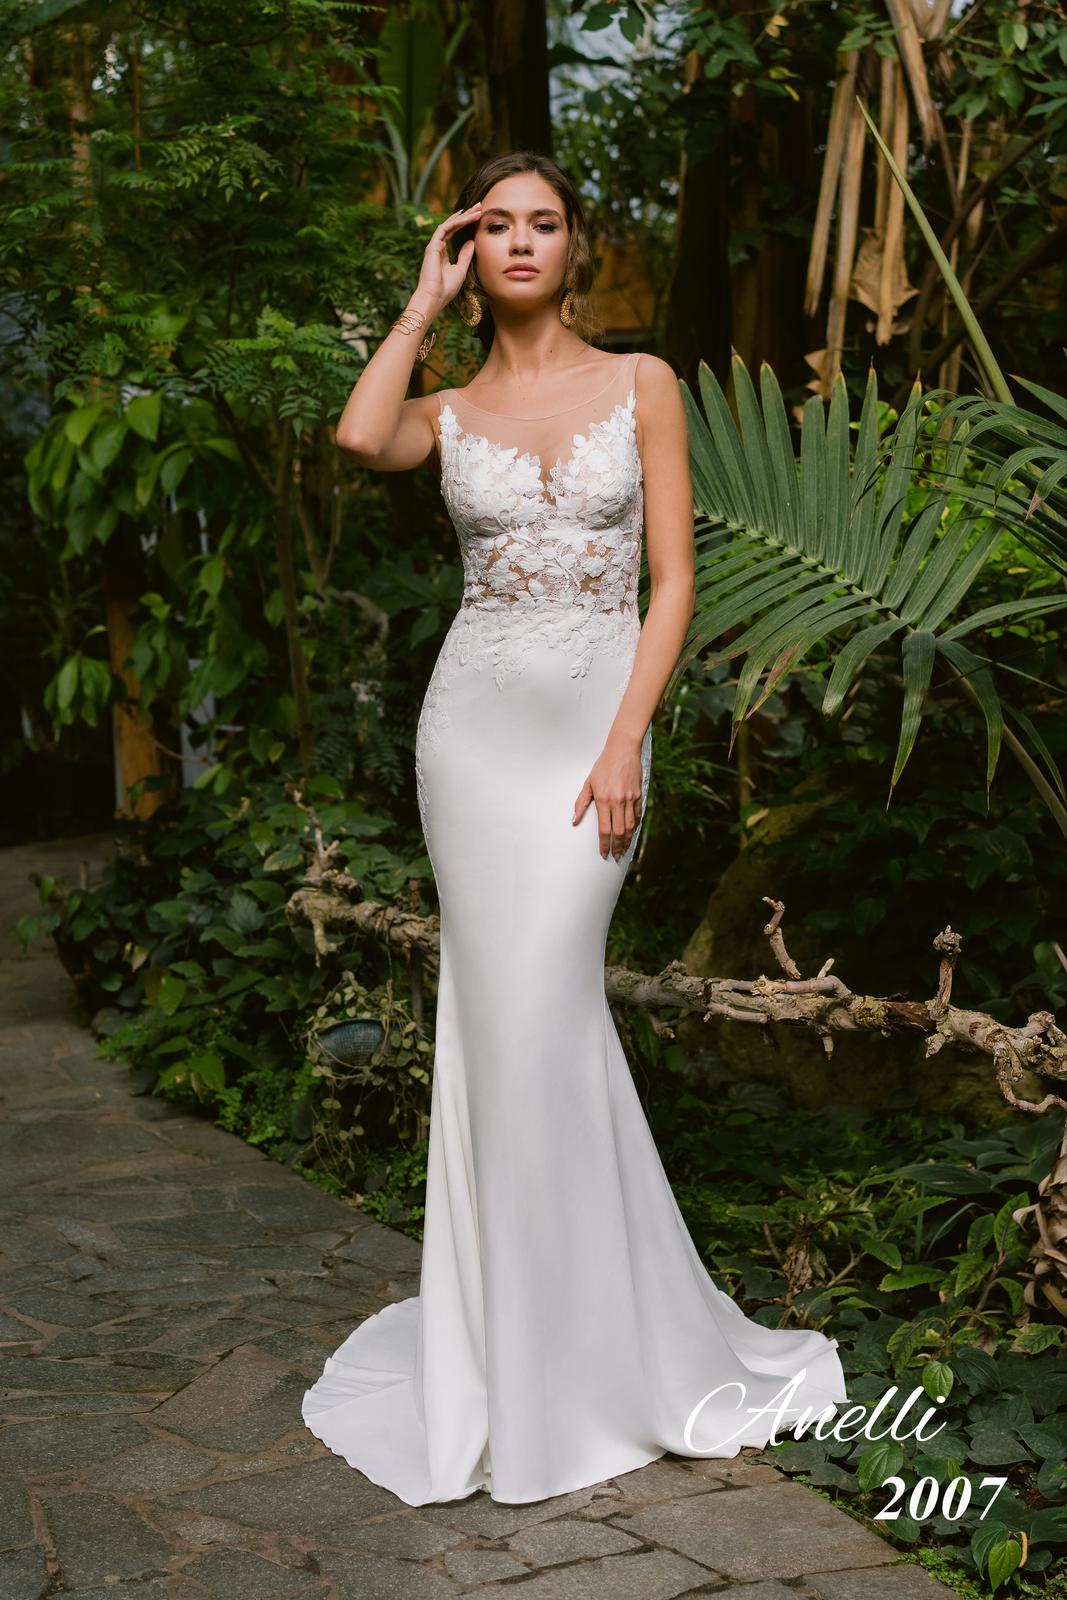 Svadobné šaty - Breeze 2007 - Obrázok č. 1